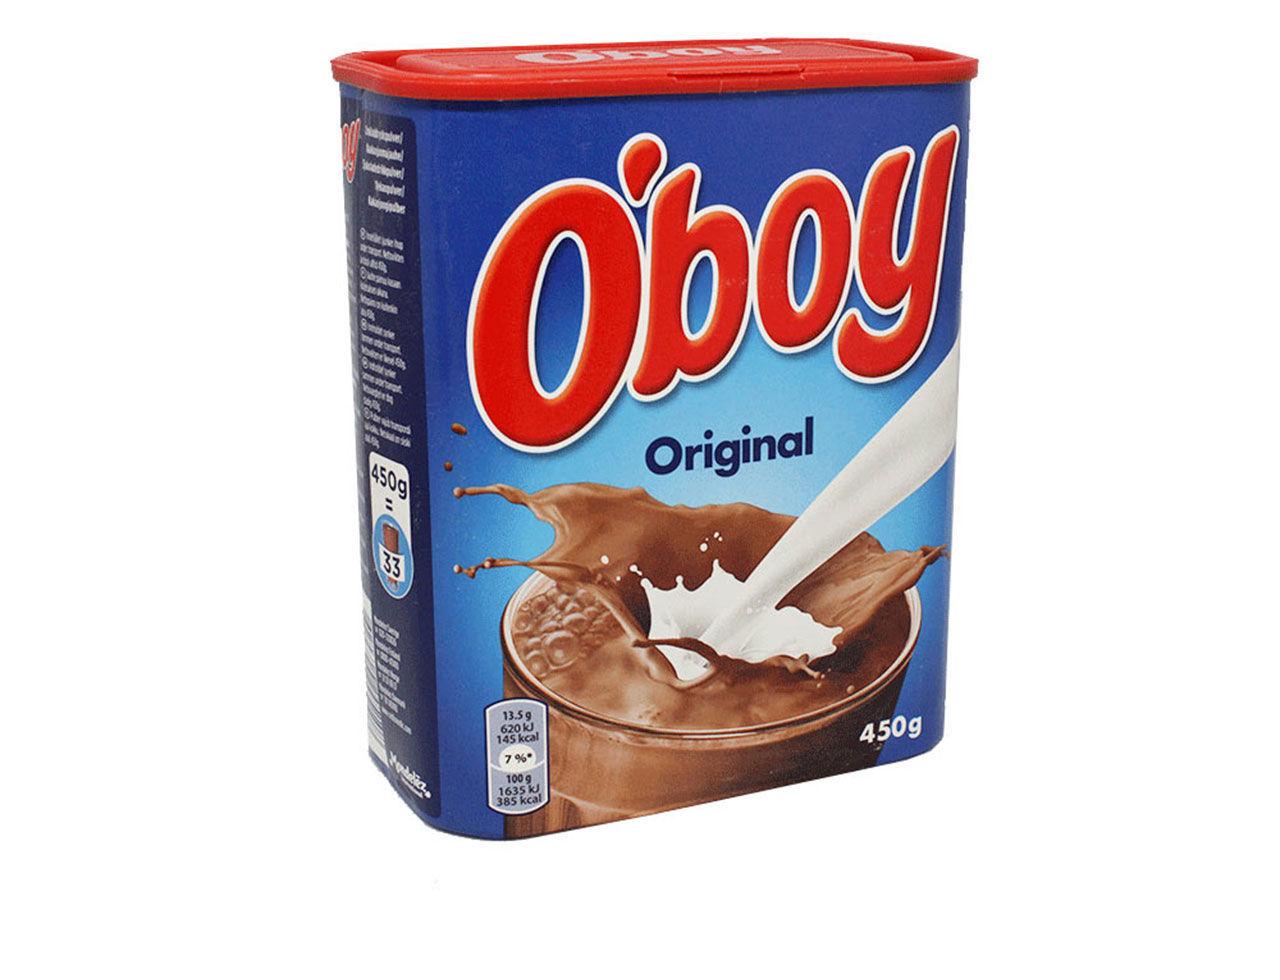 Tekniskt fel hos O'boy - pulvret slut i butik